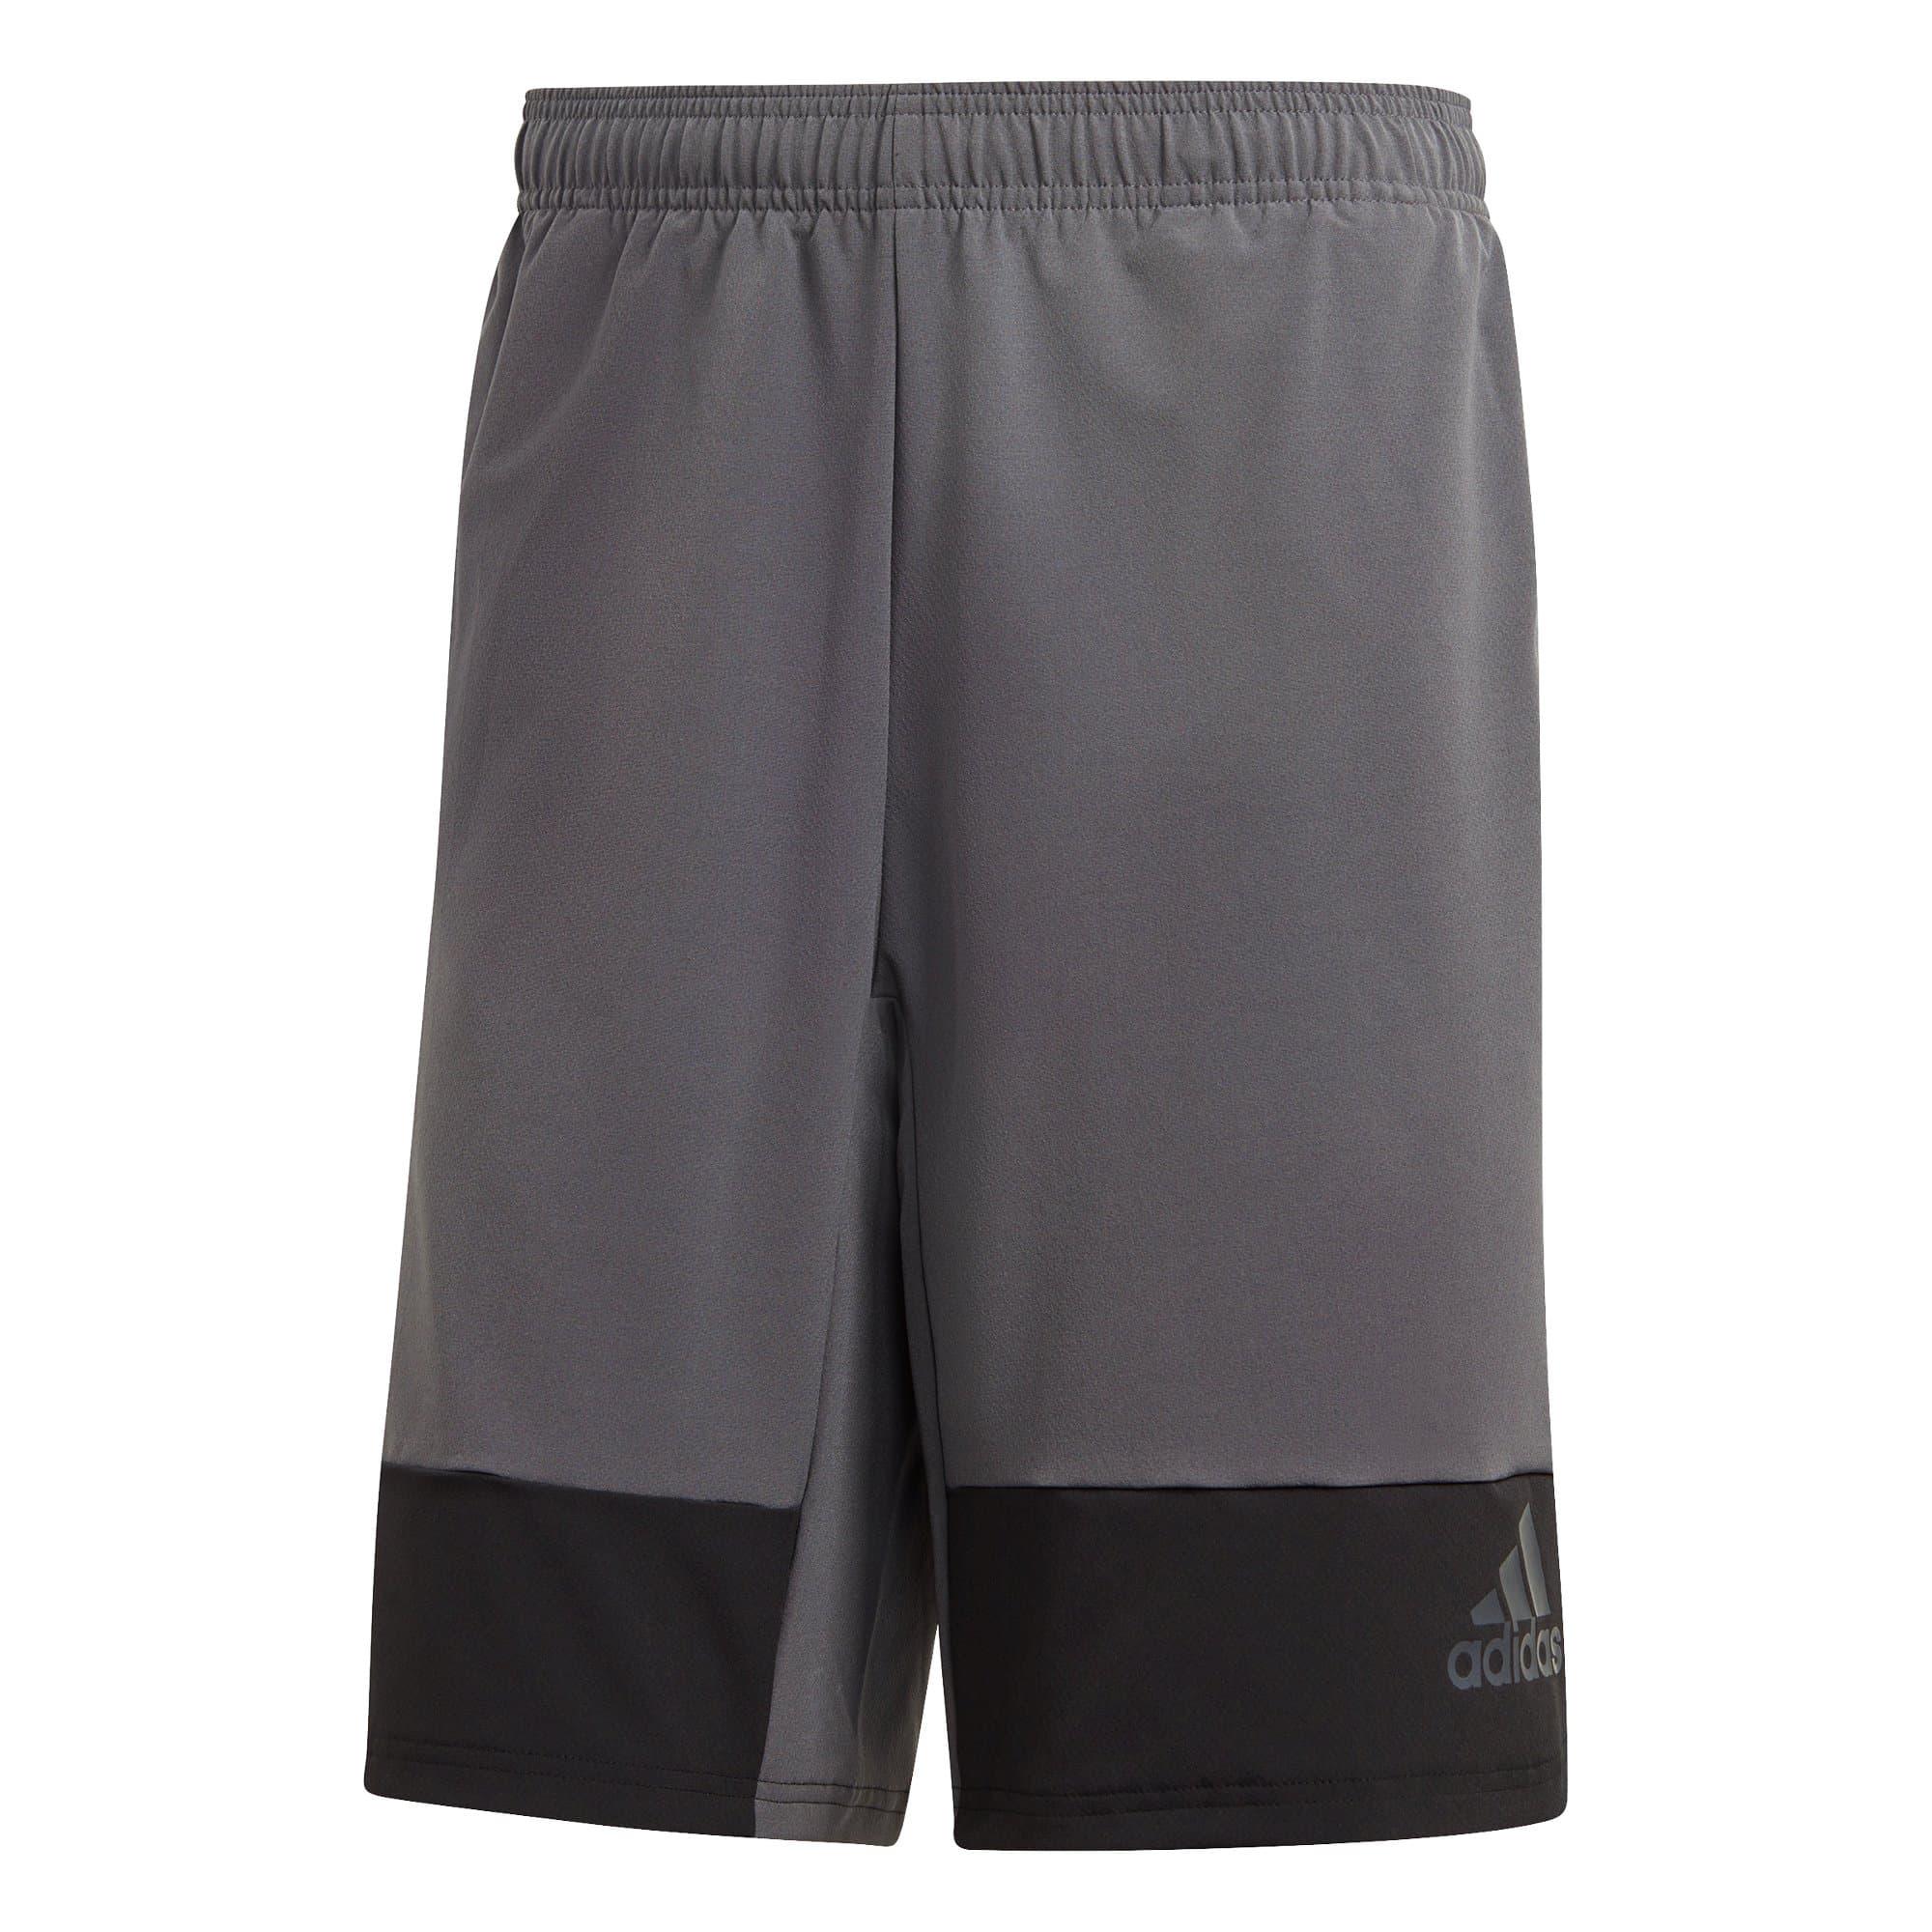 Adidas 4KRFT Tech Elevated Woven 10inch Short Herren-Shorts